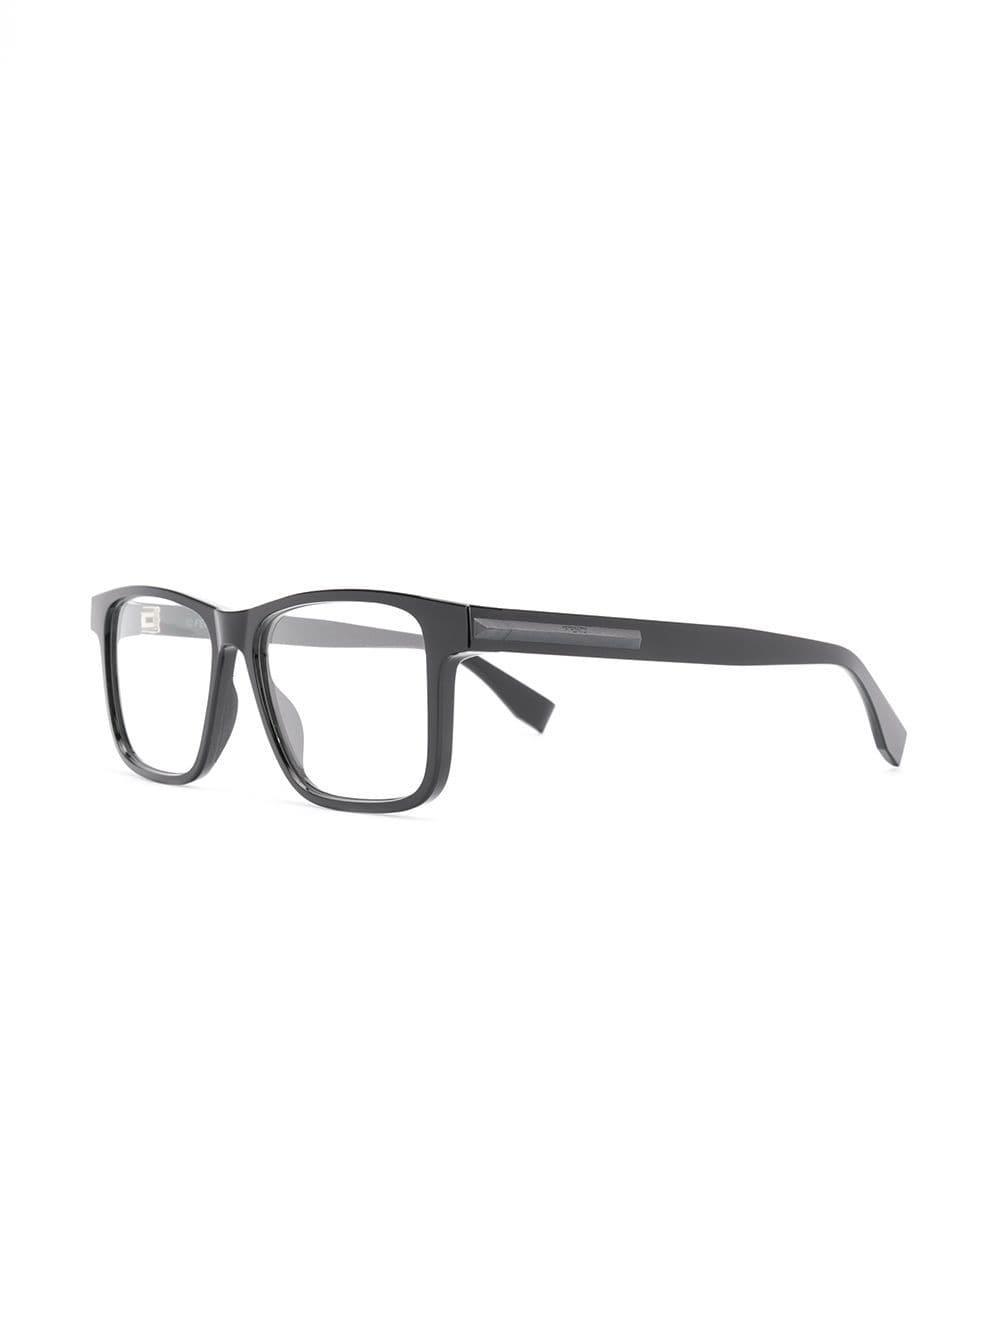 Lyst - Fendi Rectangle Frame Glasses in Black for Men